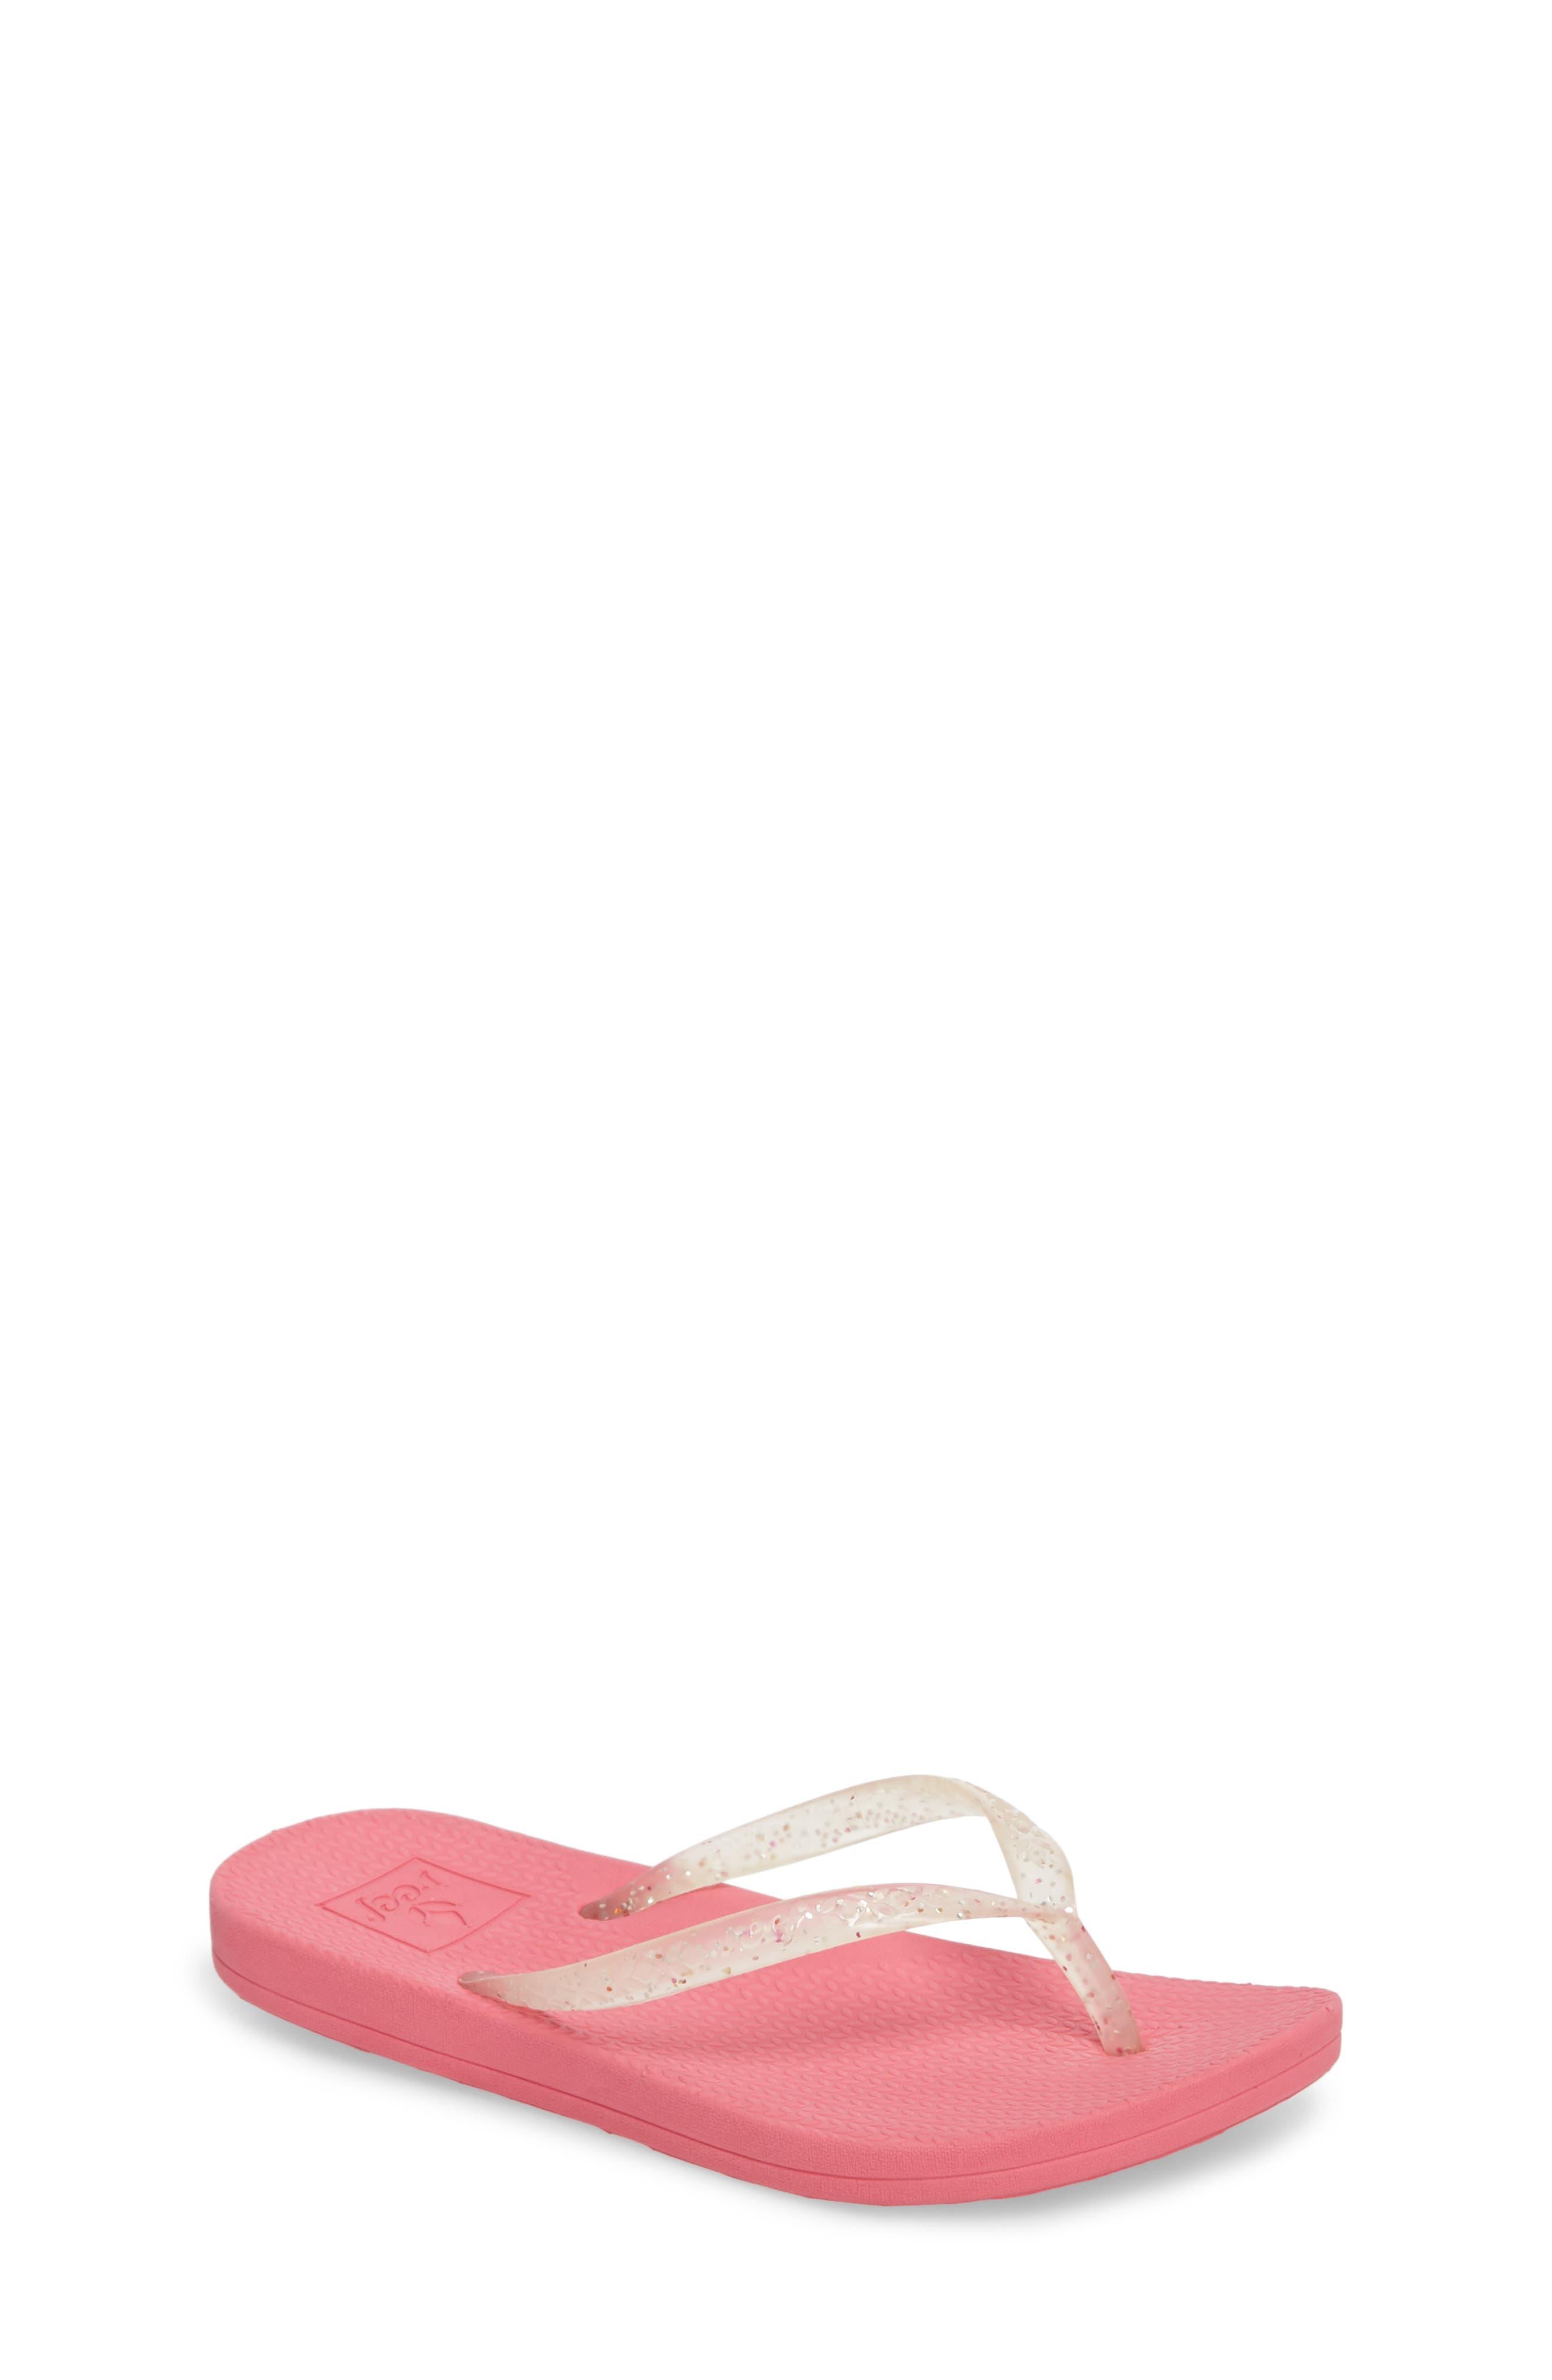 Little Reef Escape Shimmer Flip Flops,                             Main thumbnail 1, color,                             653